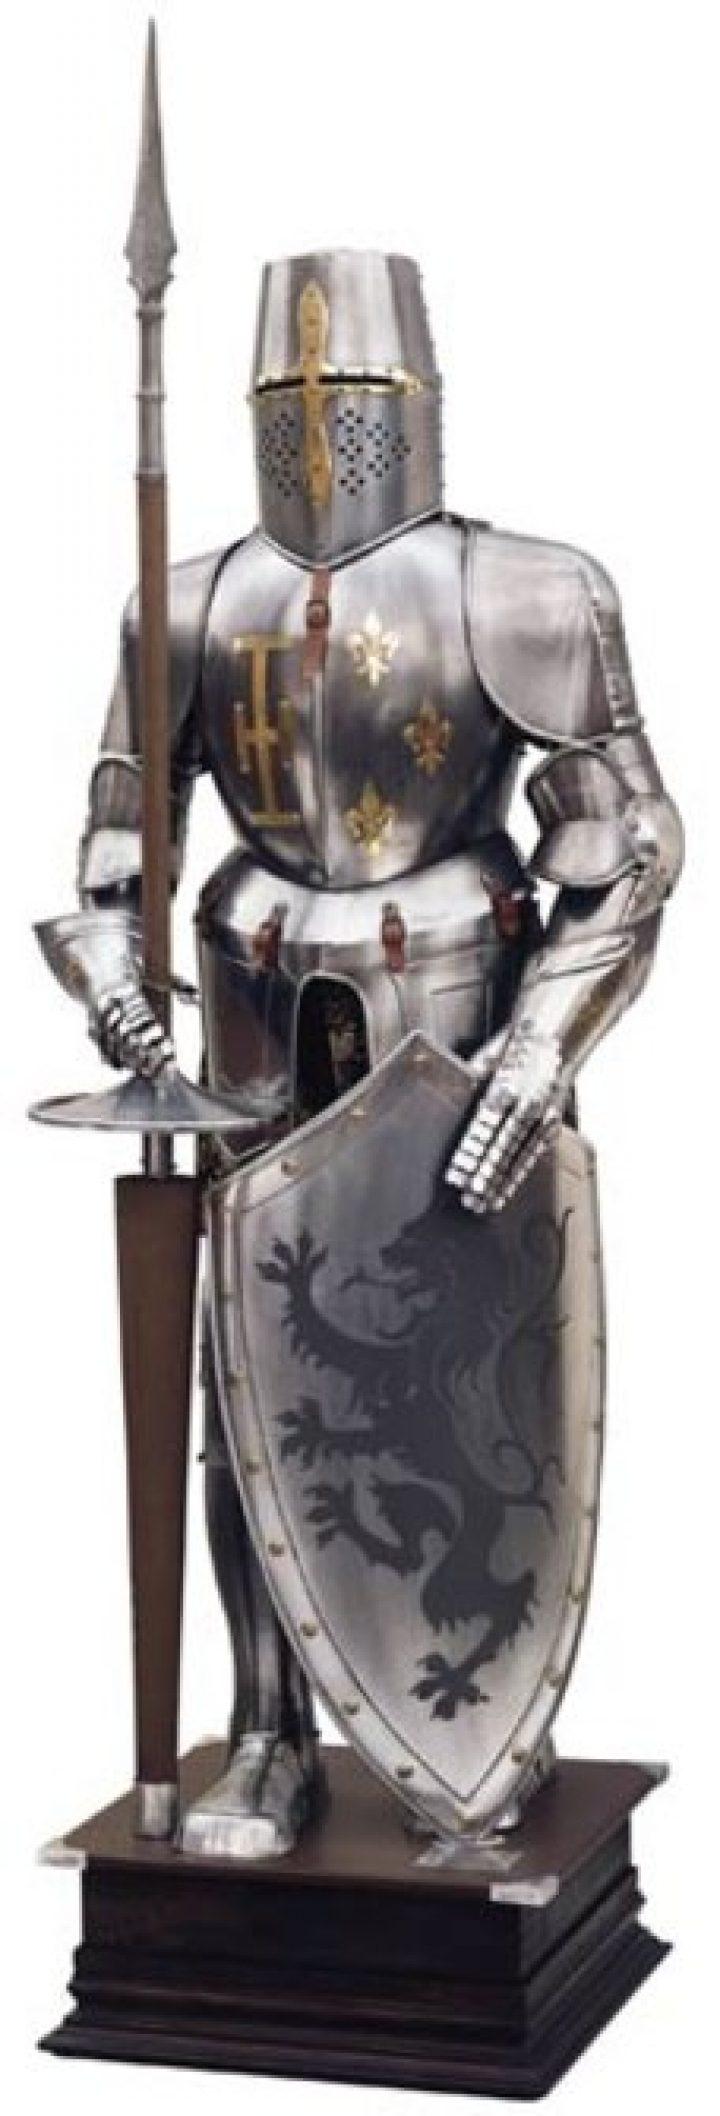 Mittelalterliche Rustung 16Jh.